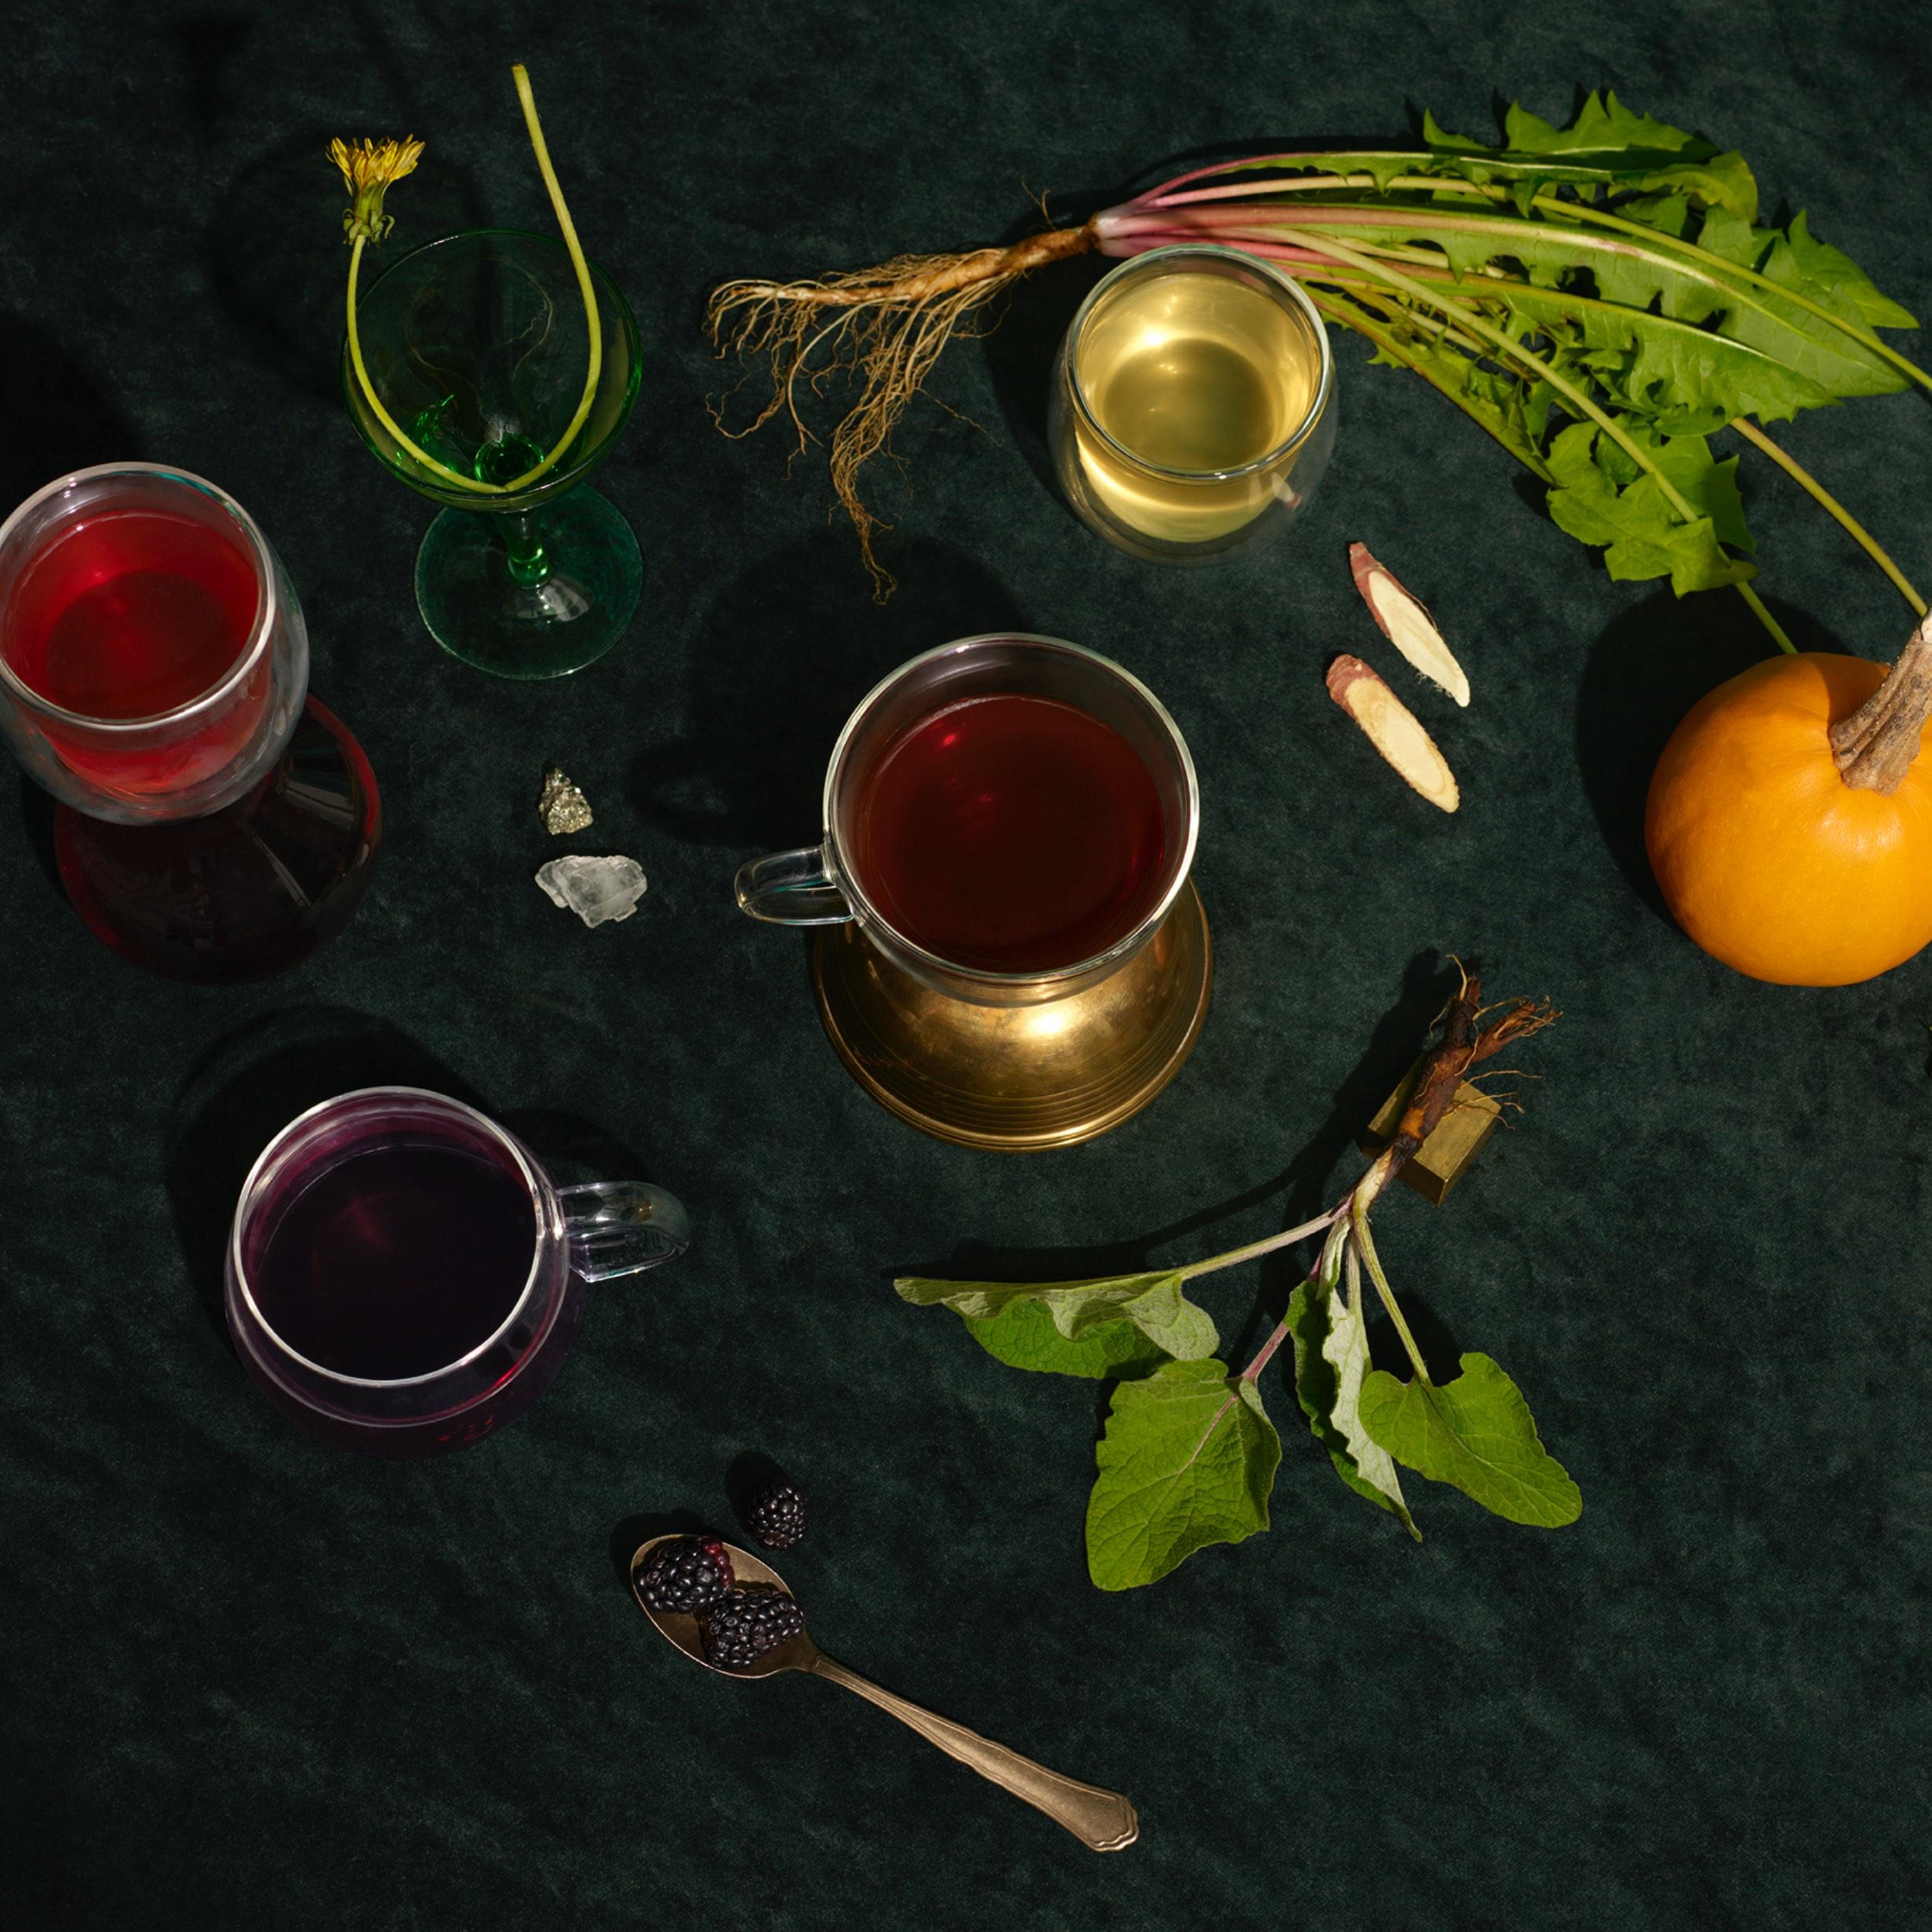 Quatre tasses en verre remplies de thés naturels contenant des ingrédients mieux-être traditionnels : bardane, racine de pissenlit, mûres.